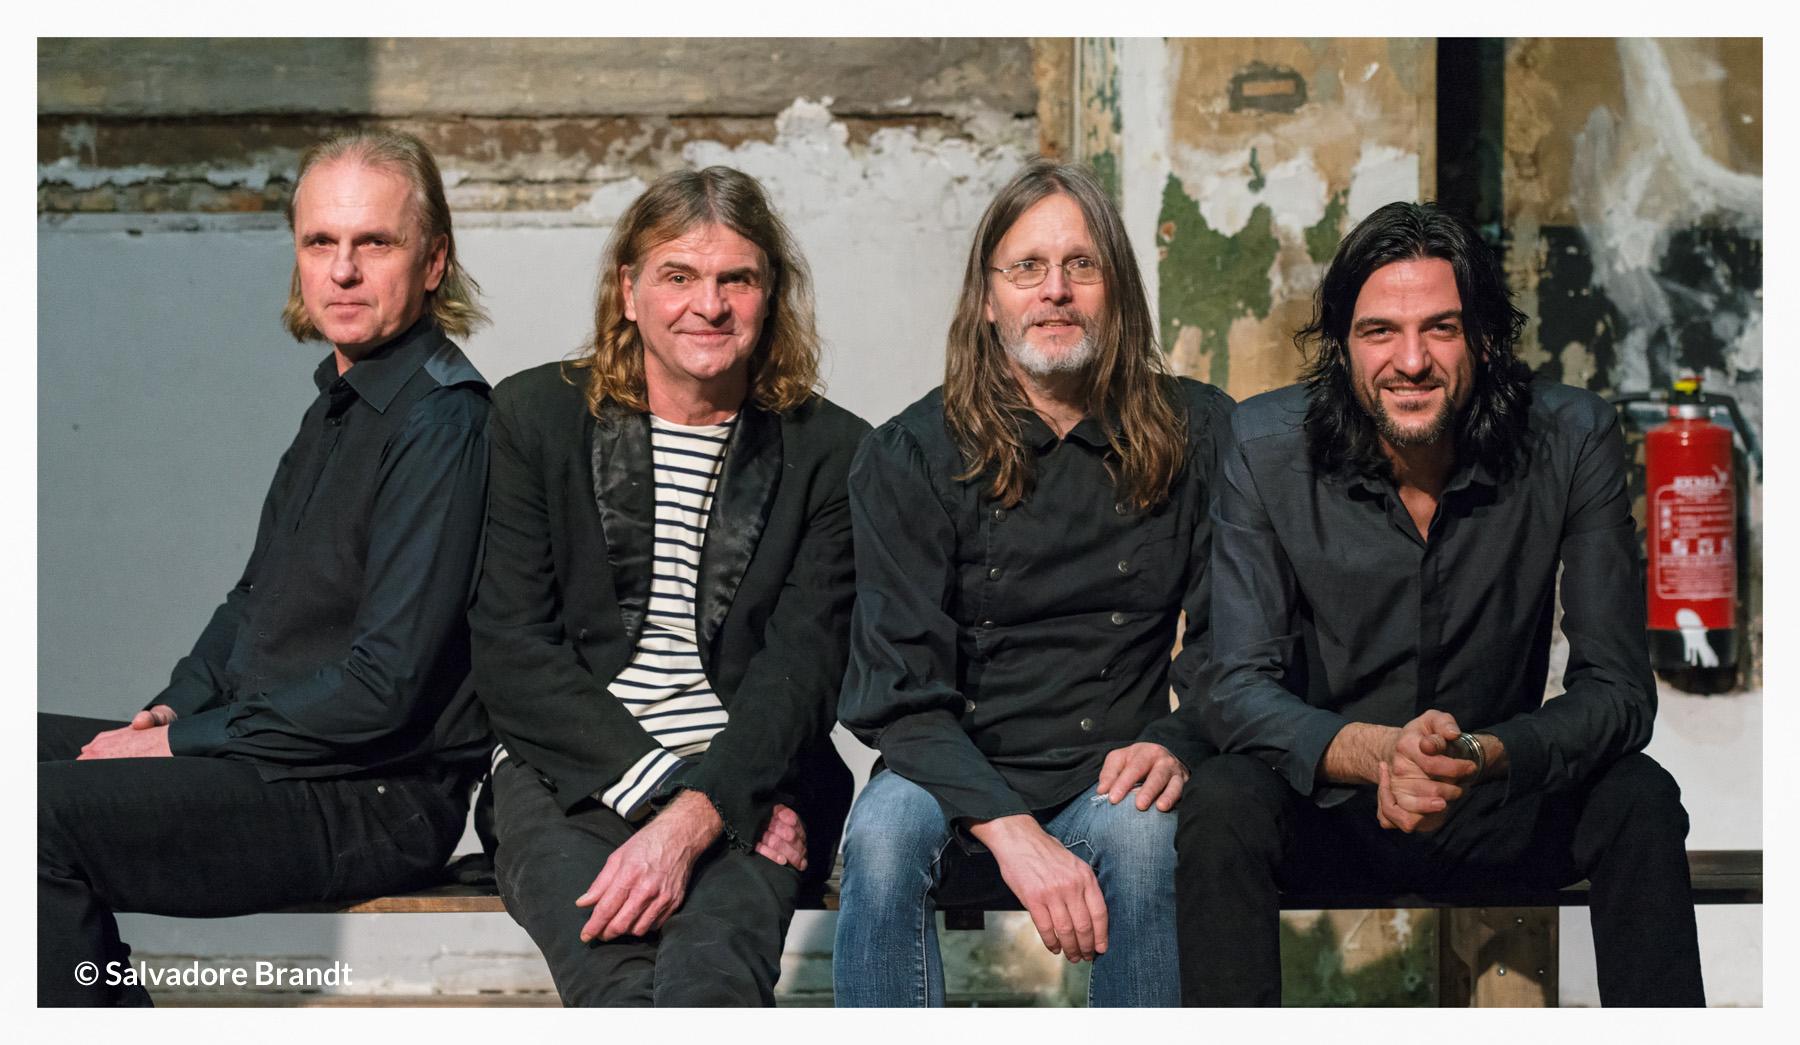 Wenzel und Band, Das Foto ist von Salvadore Brandt